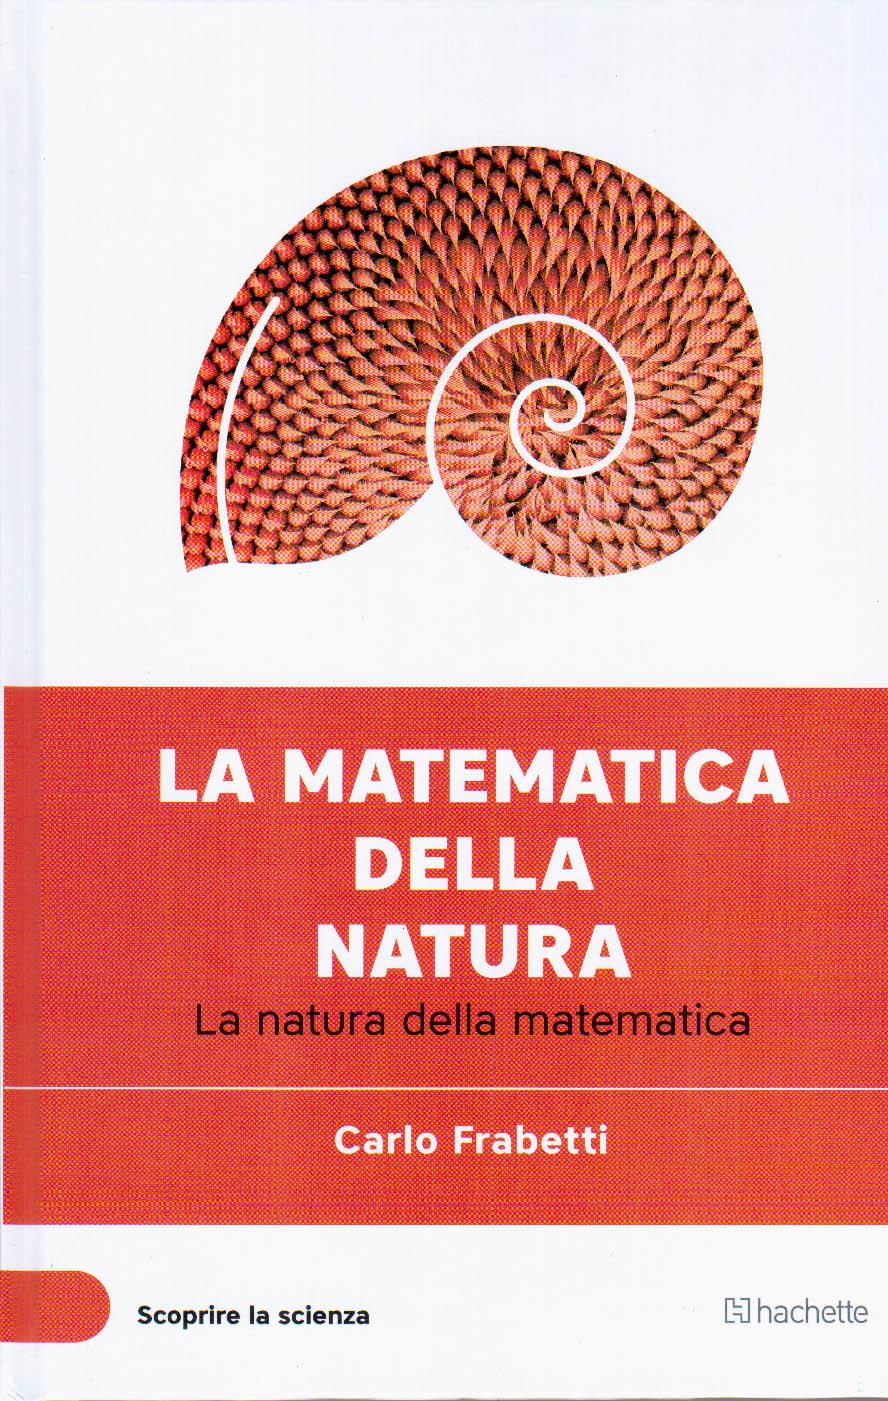 La matematica della natura. La natura della matematica